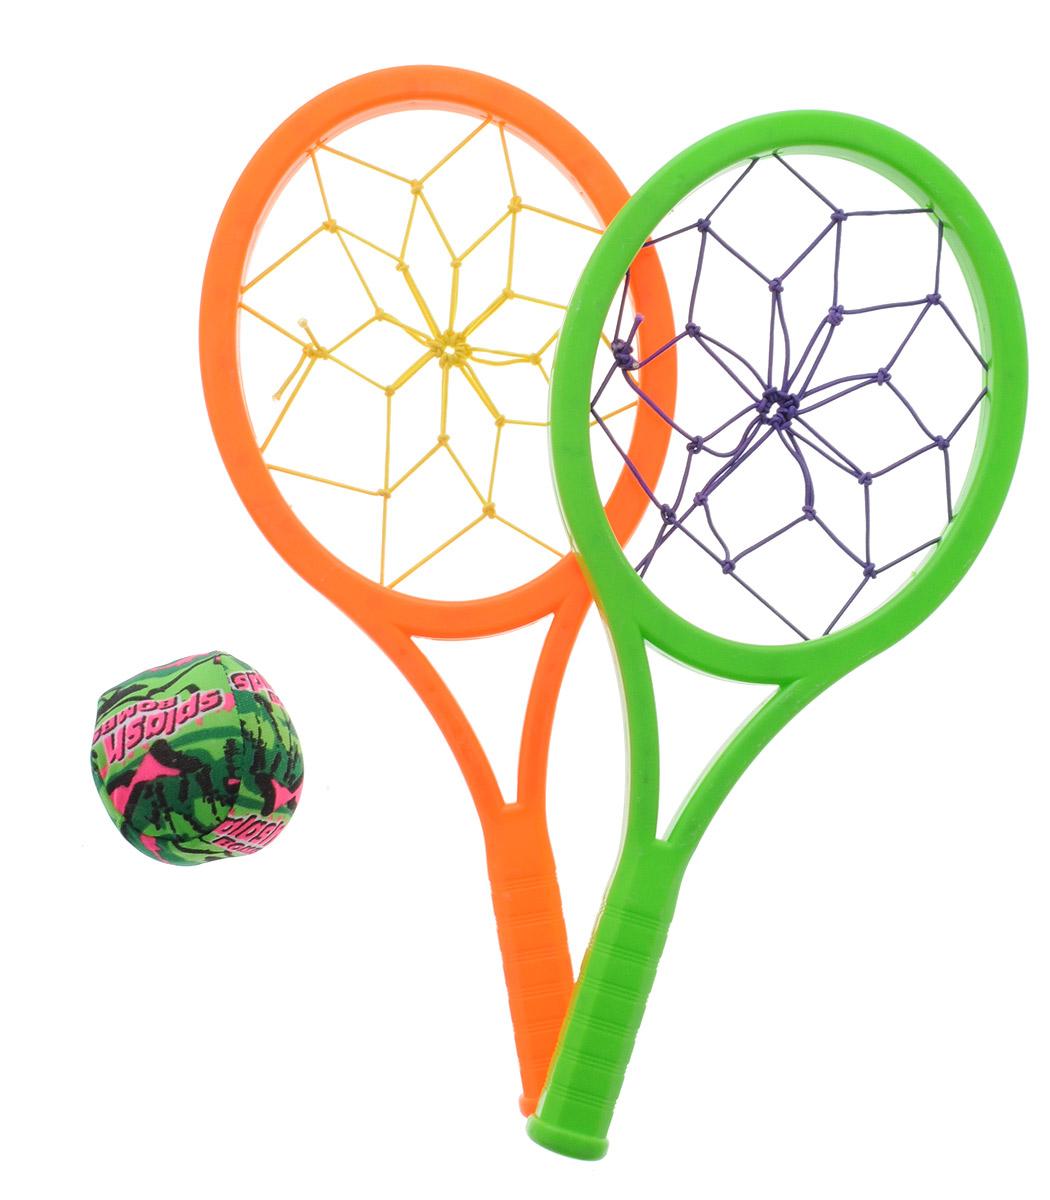 YG Sport Игровой набор Сачок для ловли мяча и мяч-бомбочкаYG20GИгровой набор YG Sport Сачок для ловли мяча и мяч-бомбочка - увлекательная спортивная игра для детей и взрослых! Отличное развлечение для развития ловкости, координации движений и концентрации внимания. Выполненные из прочного пластика рукоятки удобны для удерживания в руке. Мячик изготовлен из ткани и наполнен поролоном. Сетка ракеток представляет собой натянутые резинки, образующие узор. Подходит для игры как дома, так и на свежем воздухе.